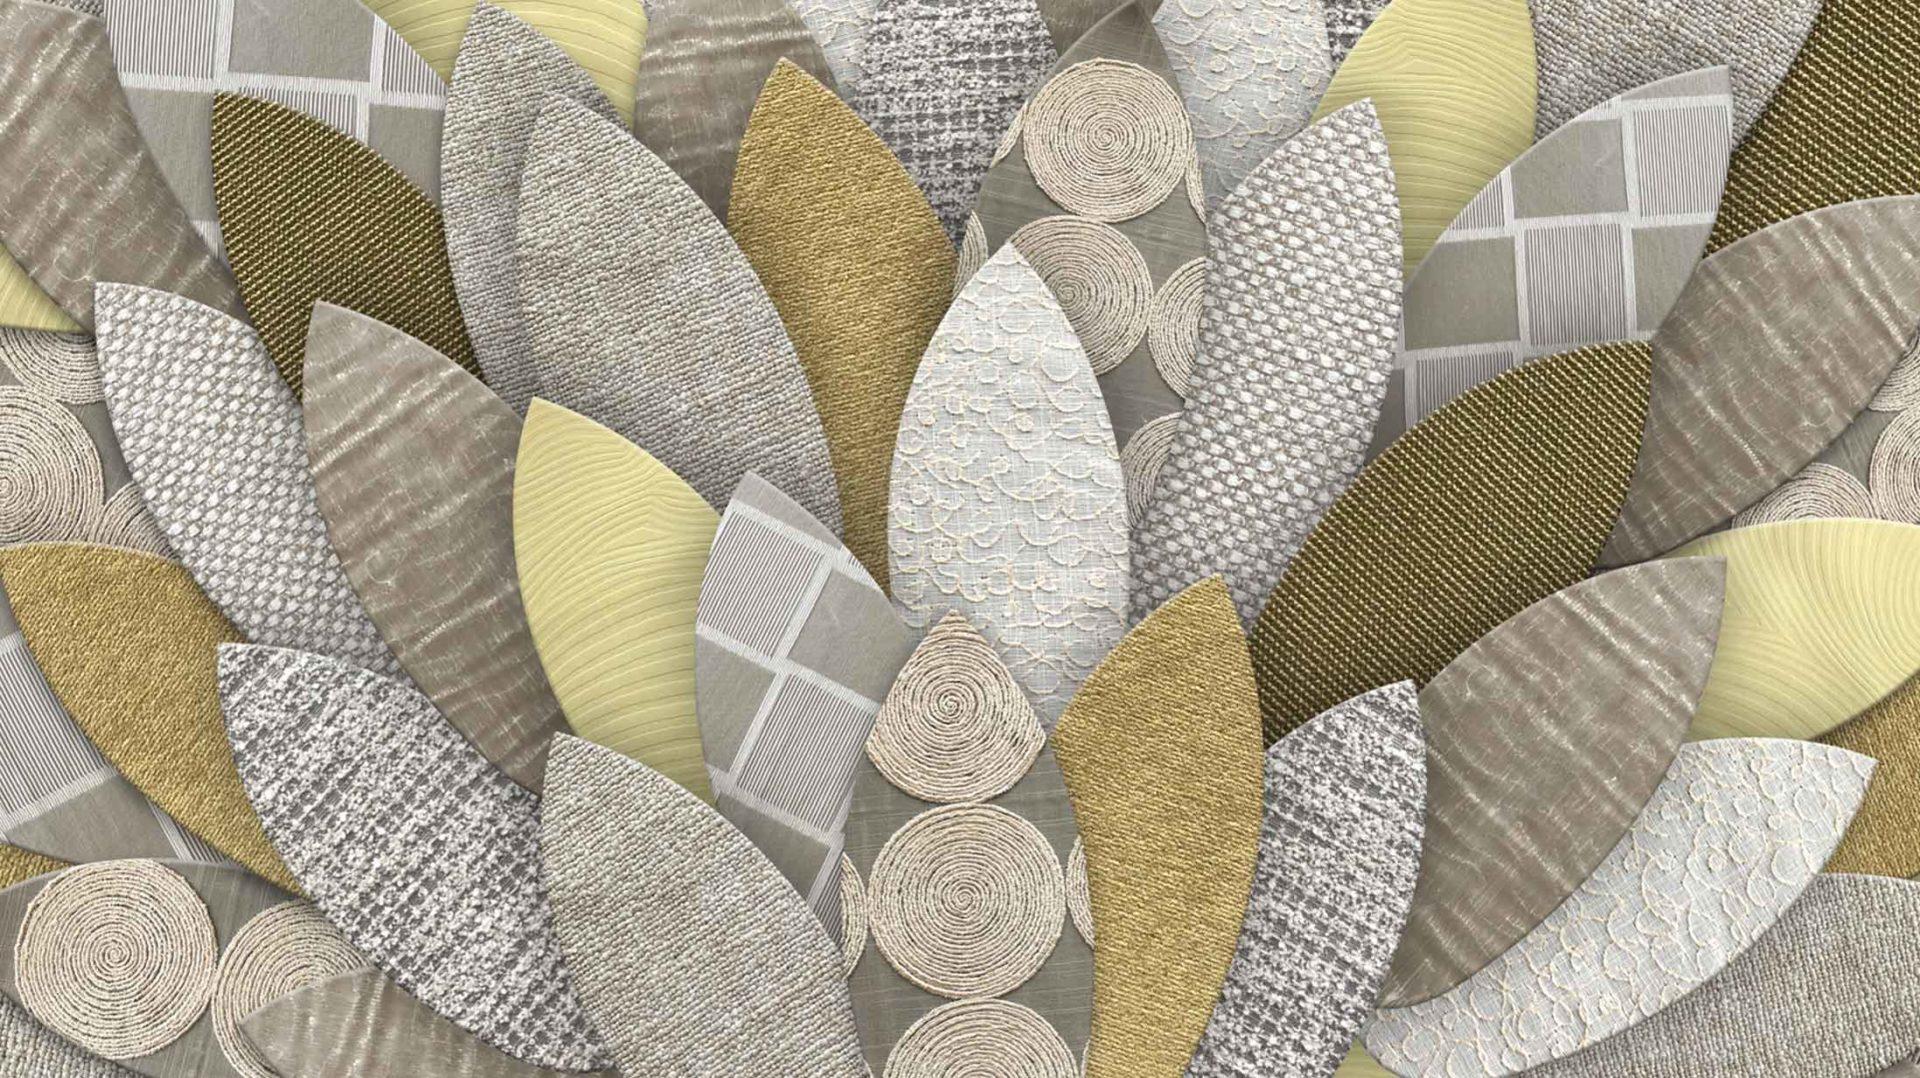 Tissus et matières pour la décoration d'intérieur.